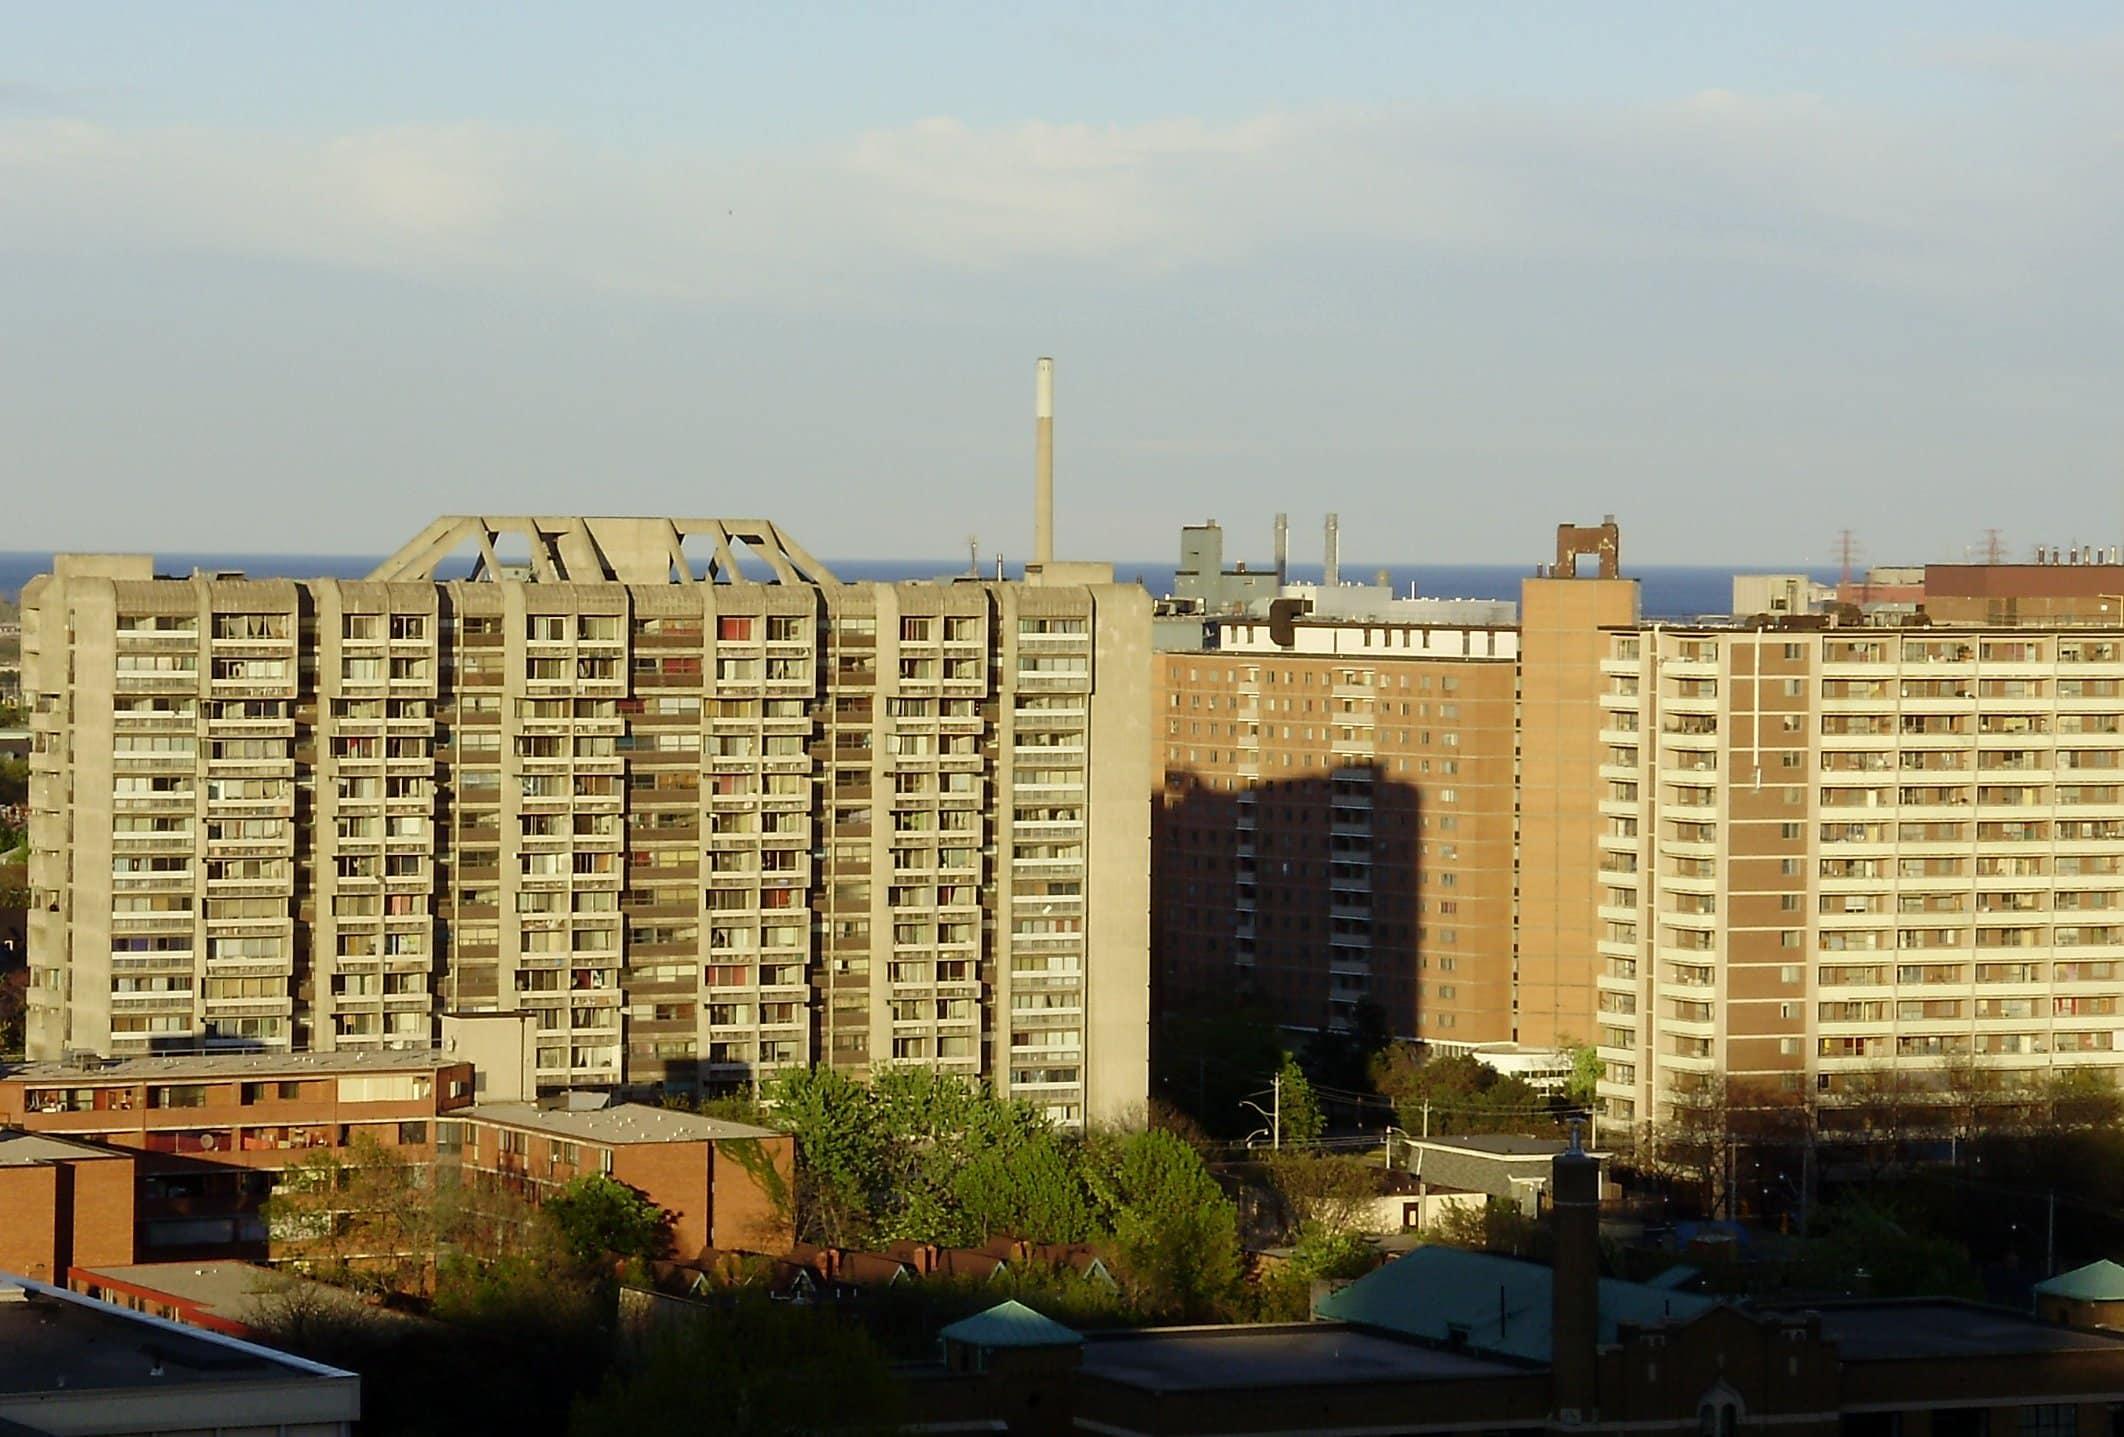 Urge inyección de dinero en viviendas publicas en Toronto